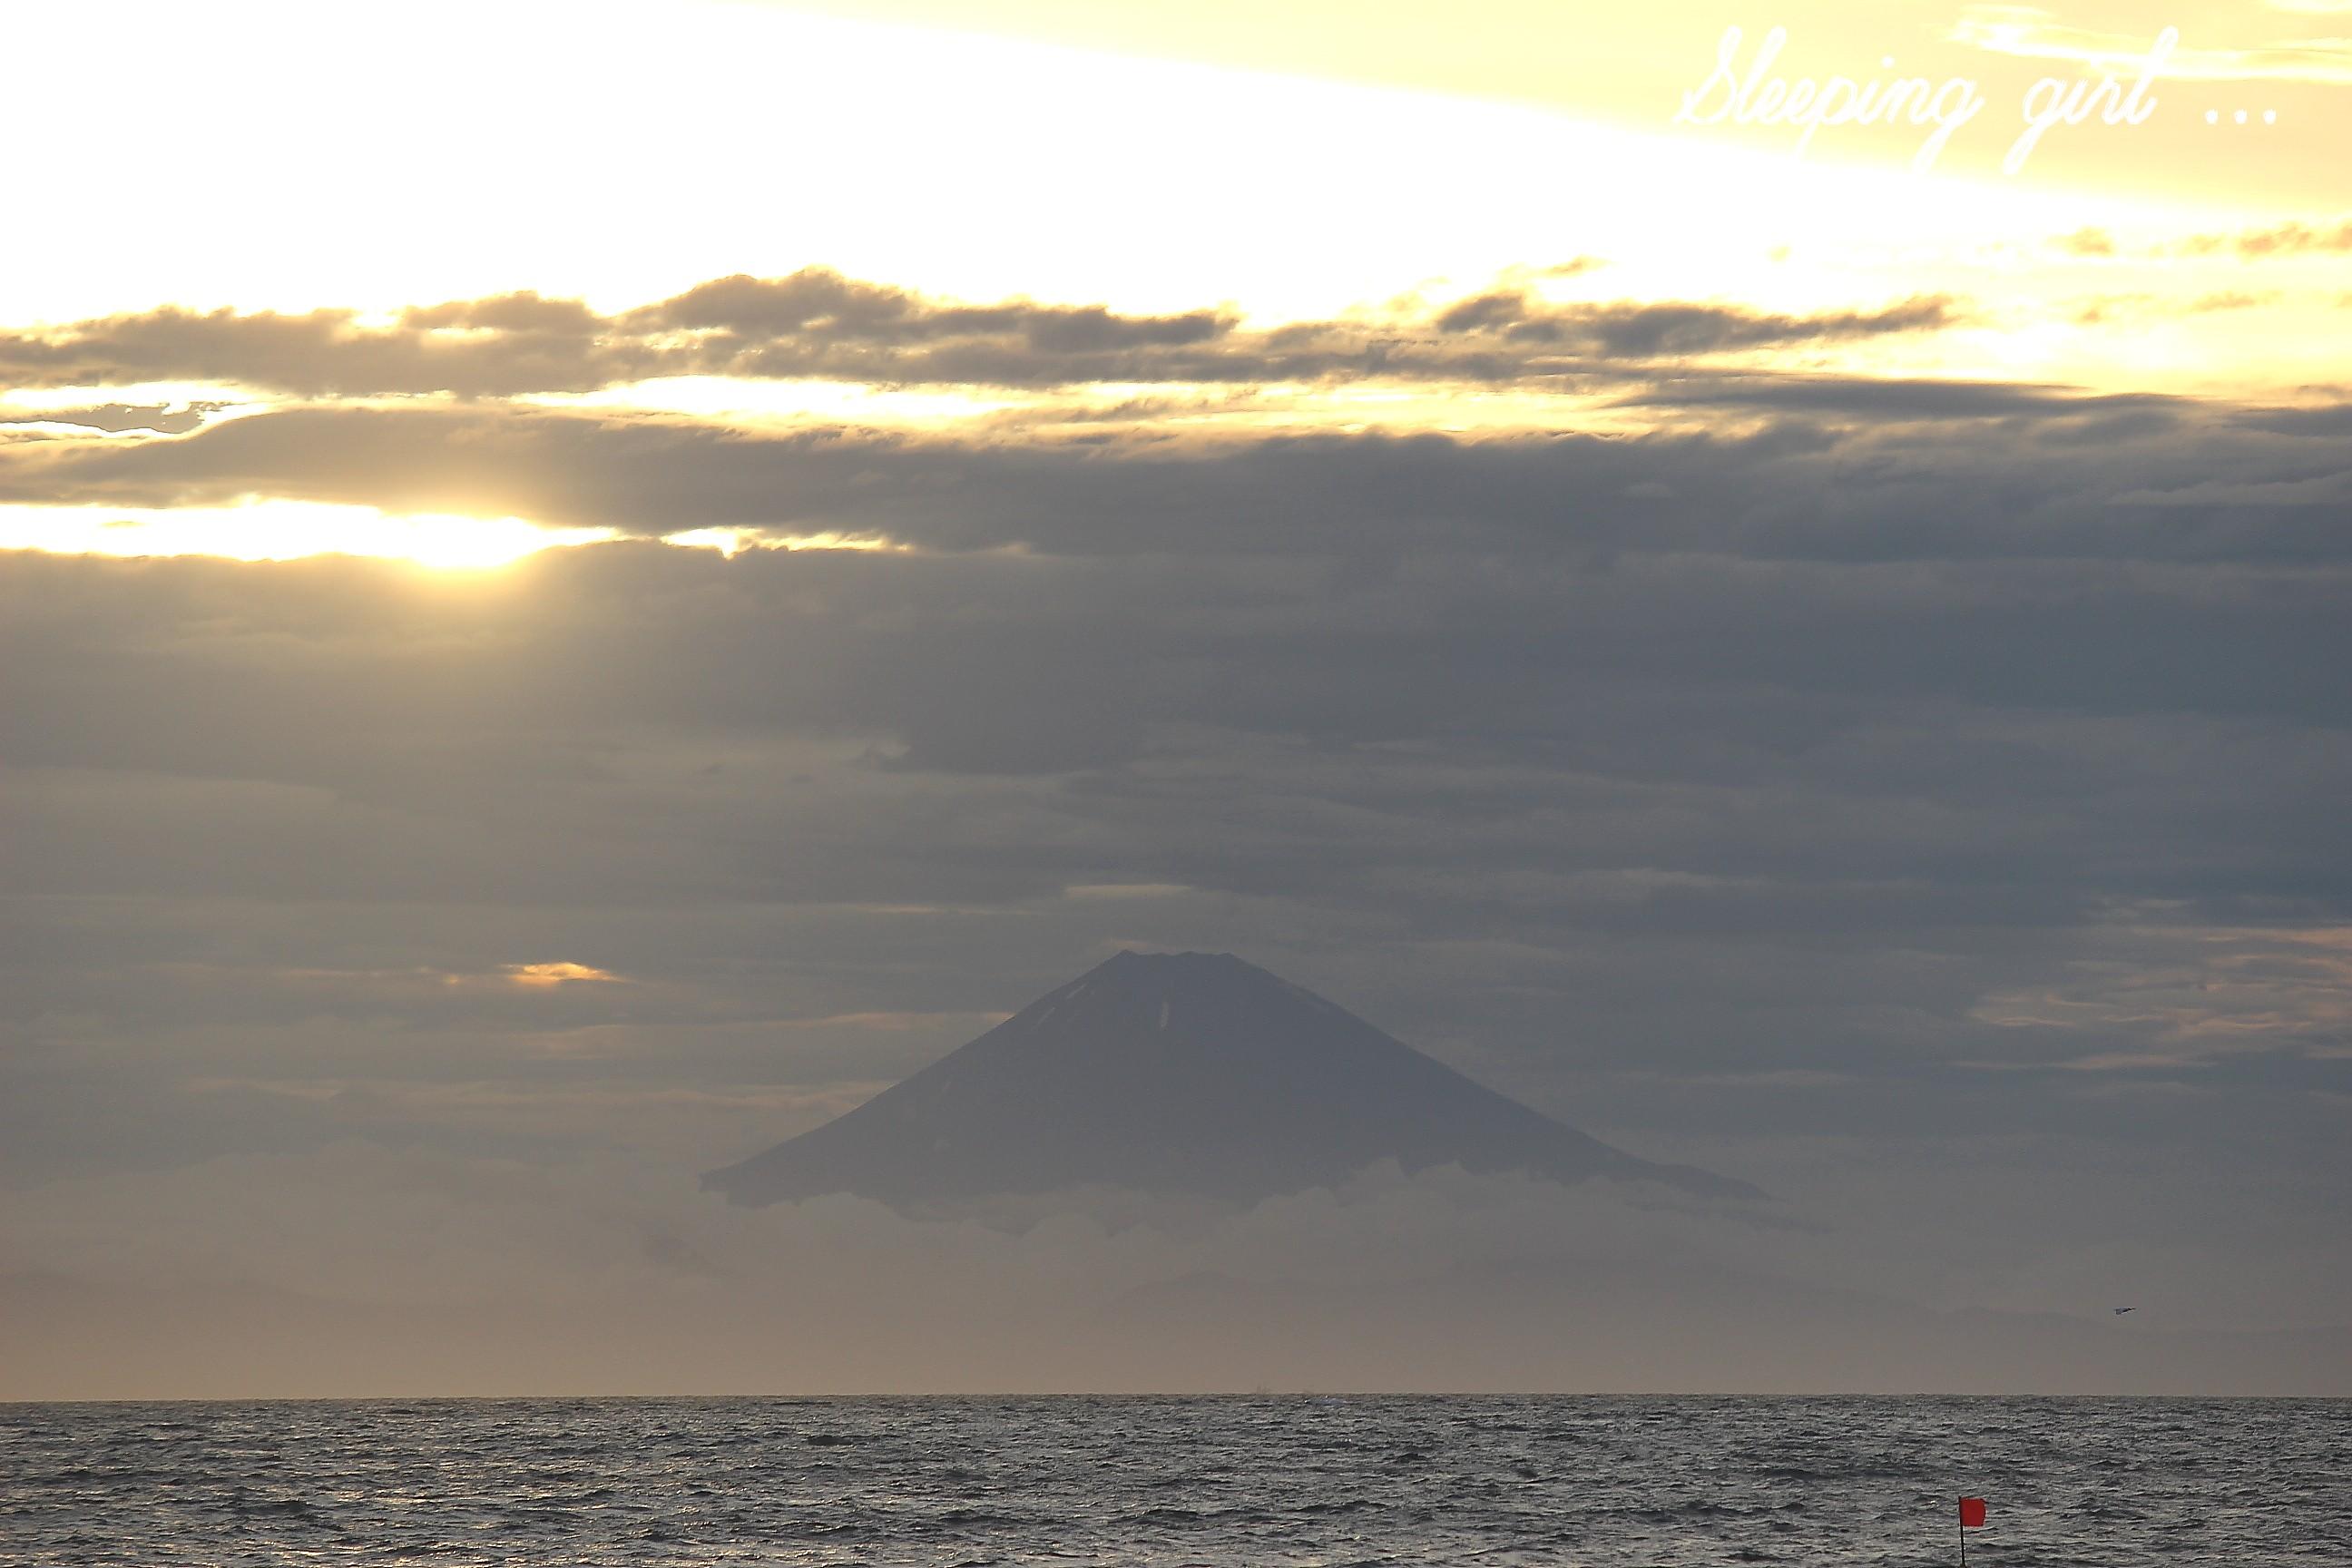 Mount Fuji 002